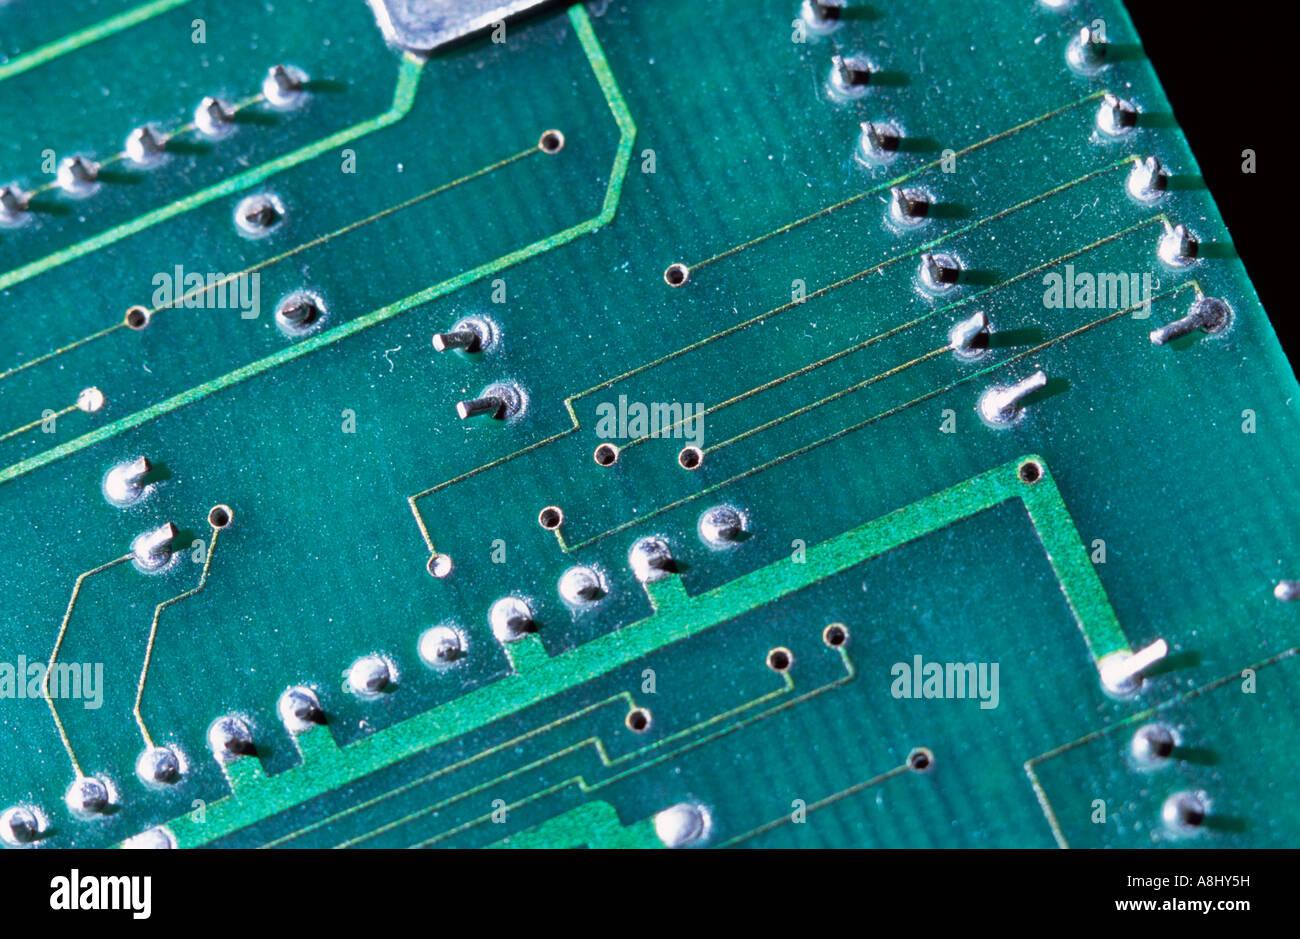 Eectronics scheda a circuito stampato che mostra tracce conduttive e foro passante i collegamenti Immagini Stock